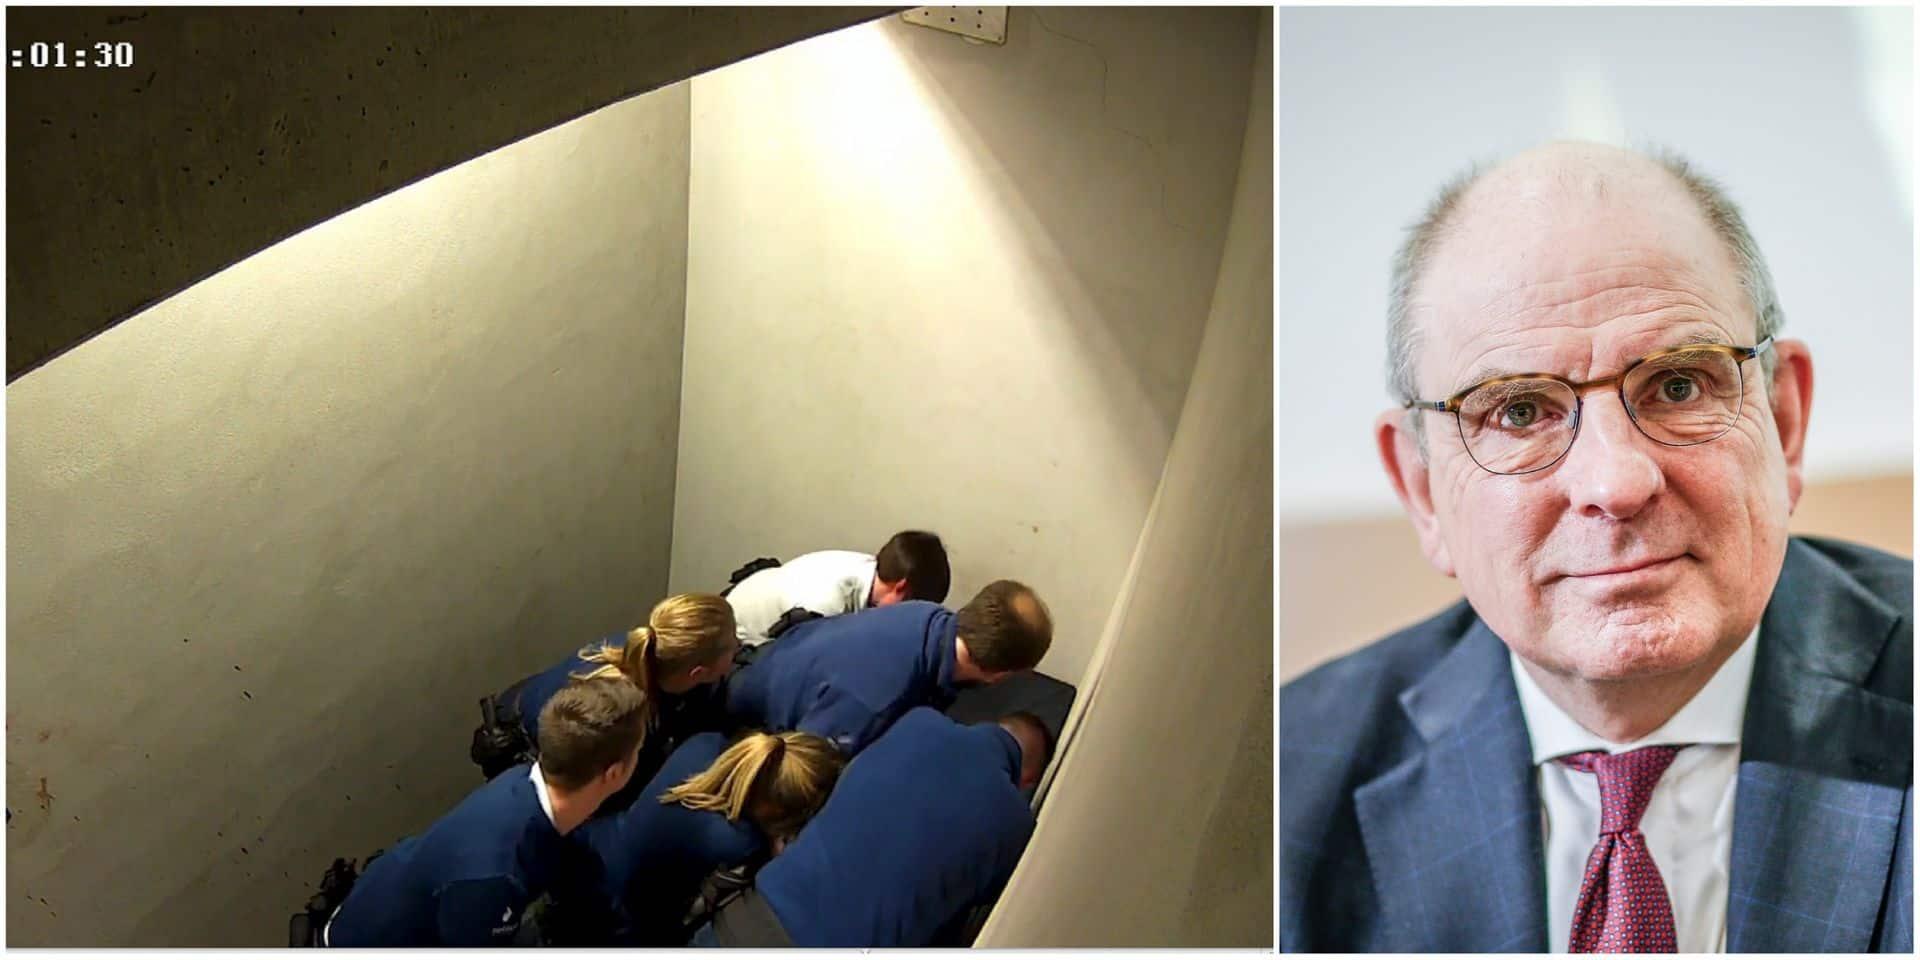 Affaire Chovanec: l'officier de garde ce soir-là était le patron de la police aéroportuaire